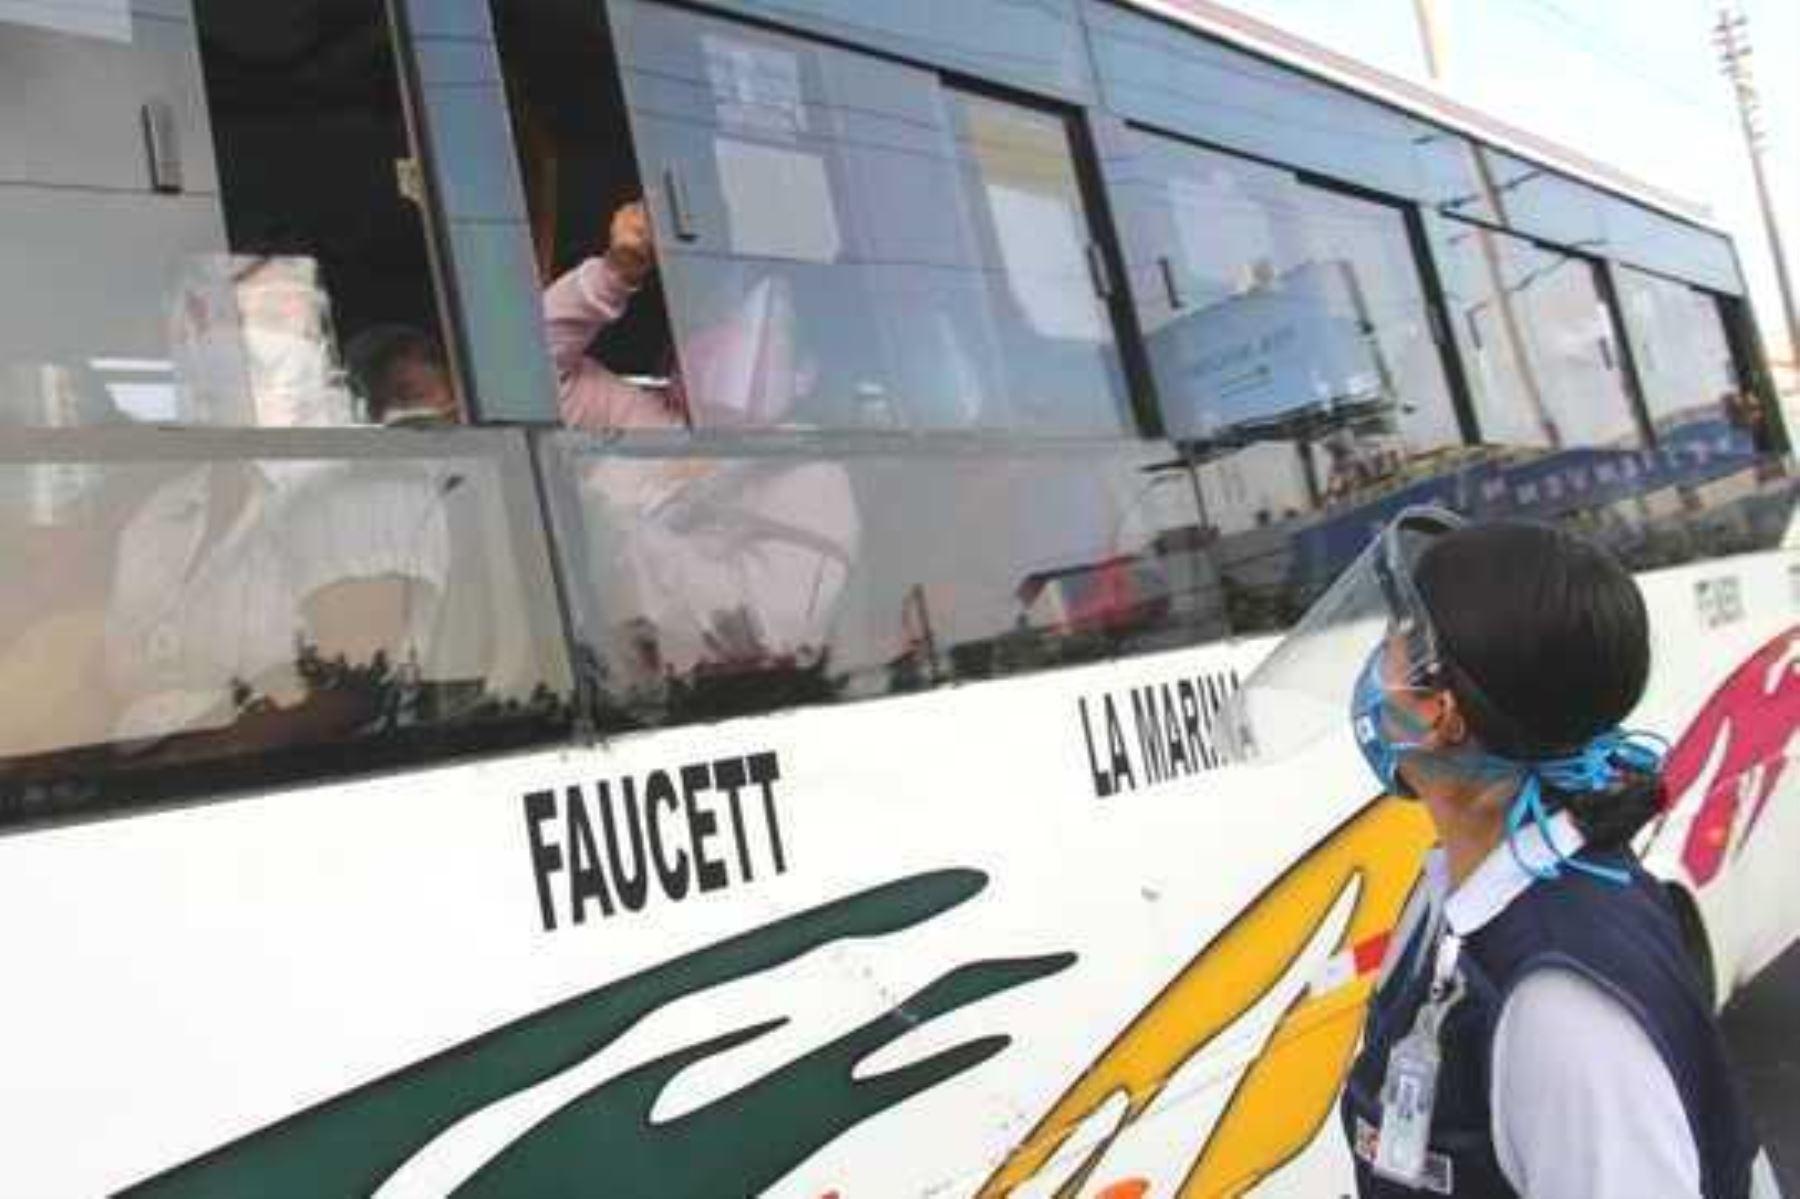 Covid-19: unidades de transporte público deben mantener las ventanas abiertas. Foto: ANDINA/Difusión.